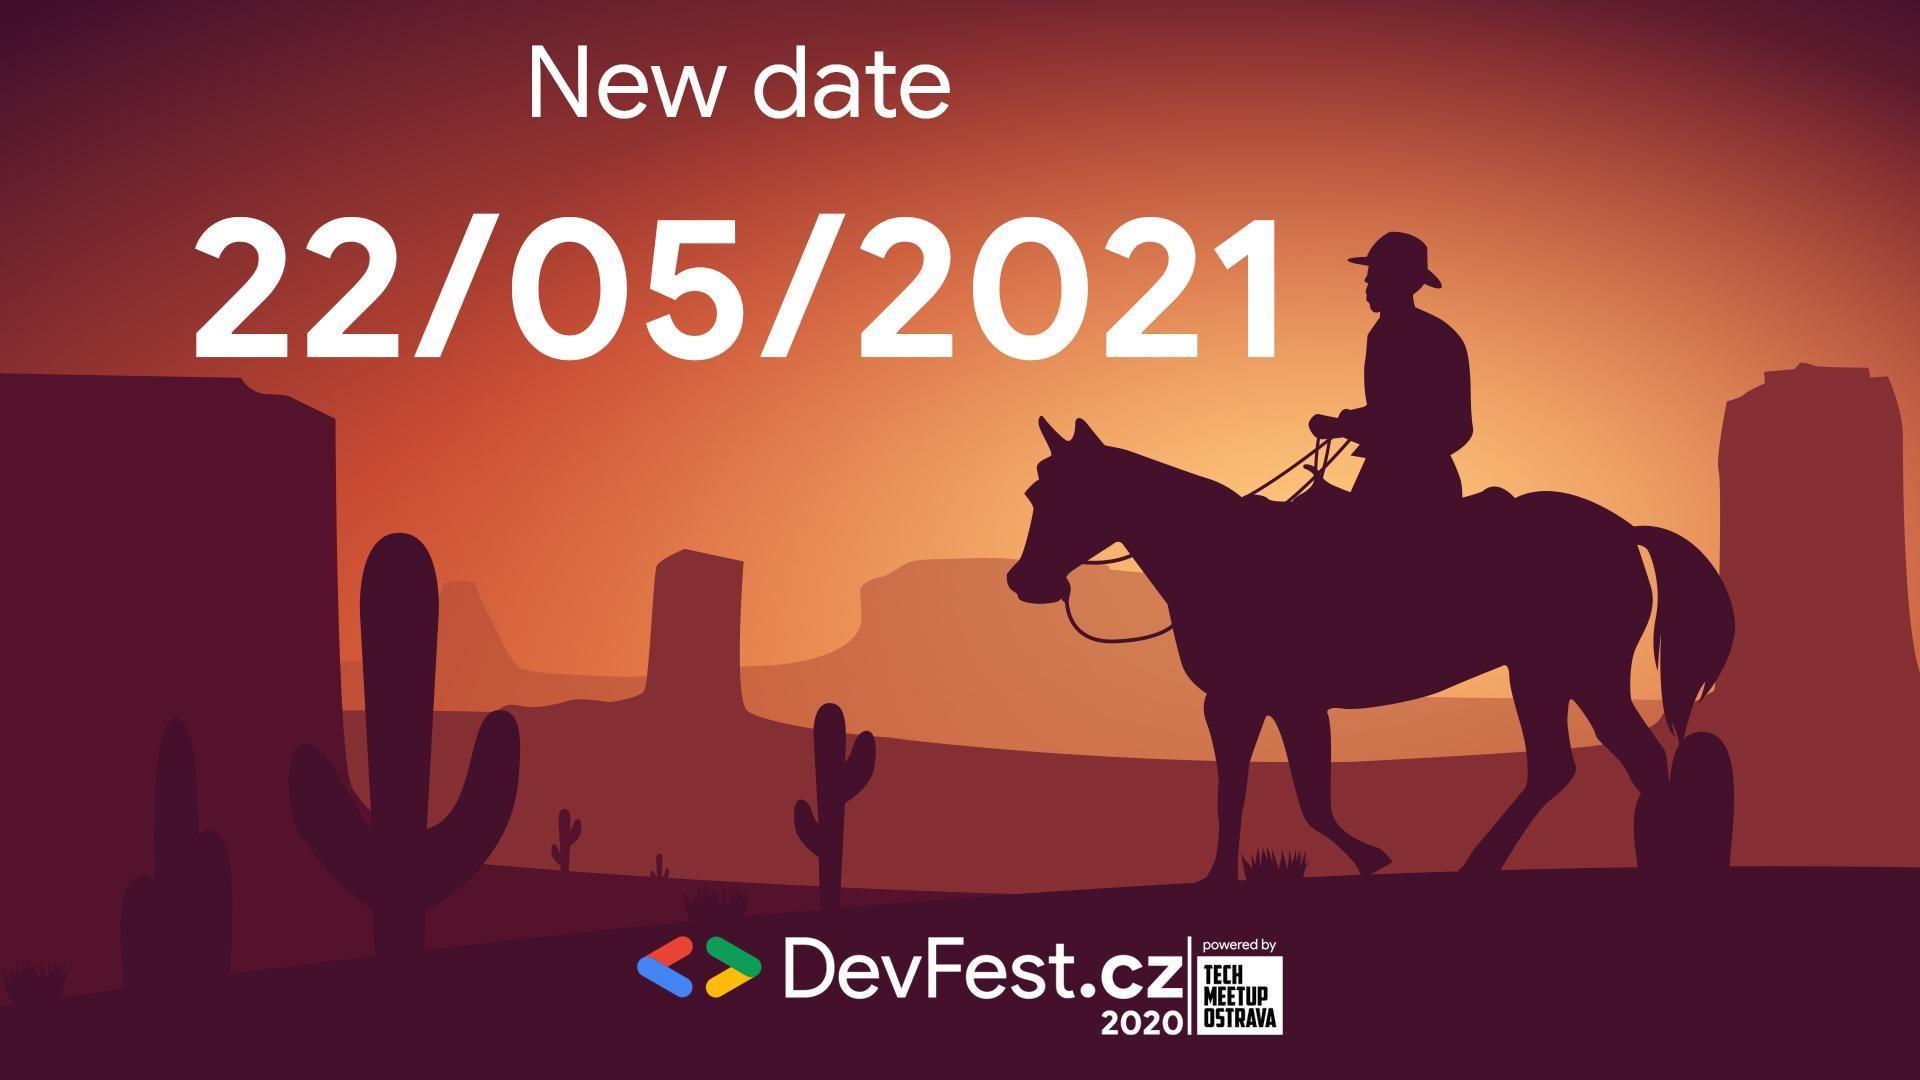 DevFest.cz powered by Techmeetup proběhne až v květnu 2021